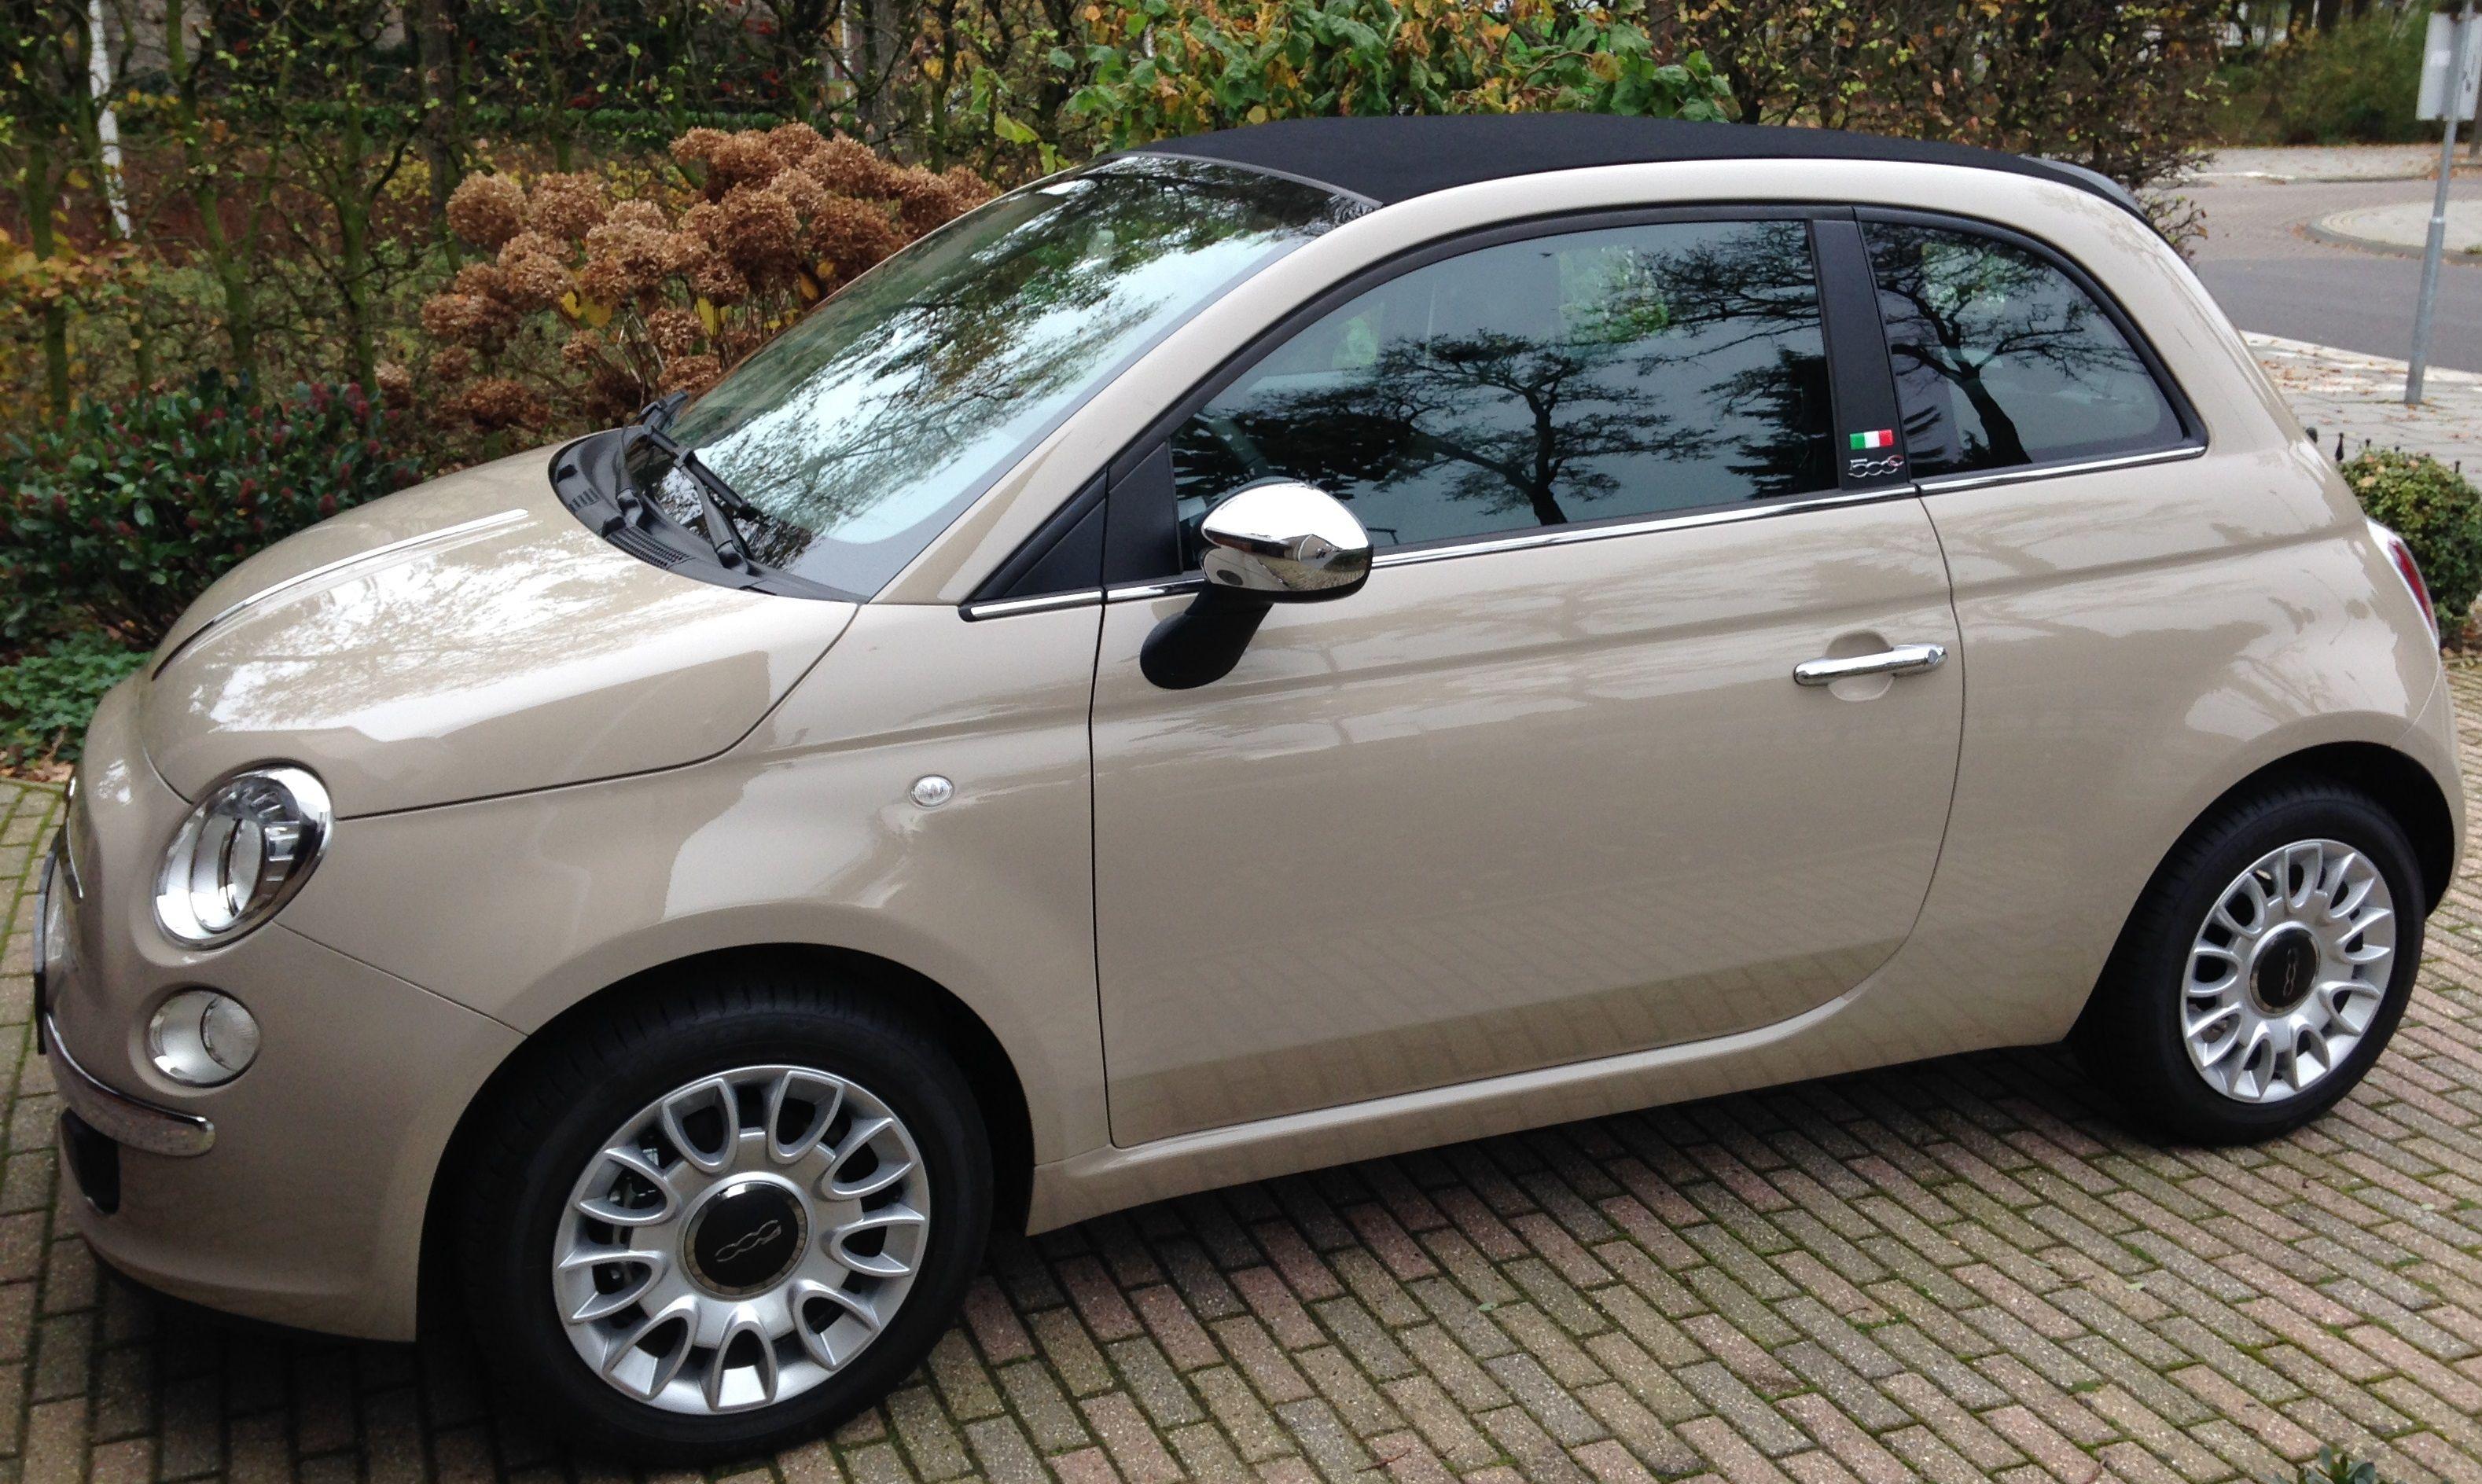 Fiat 500c Indie Cream Fiat 500 Accessories Fiat 500c Fiat Cars Smart Car